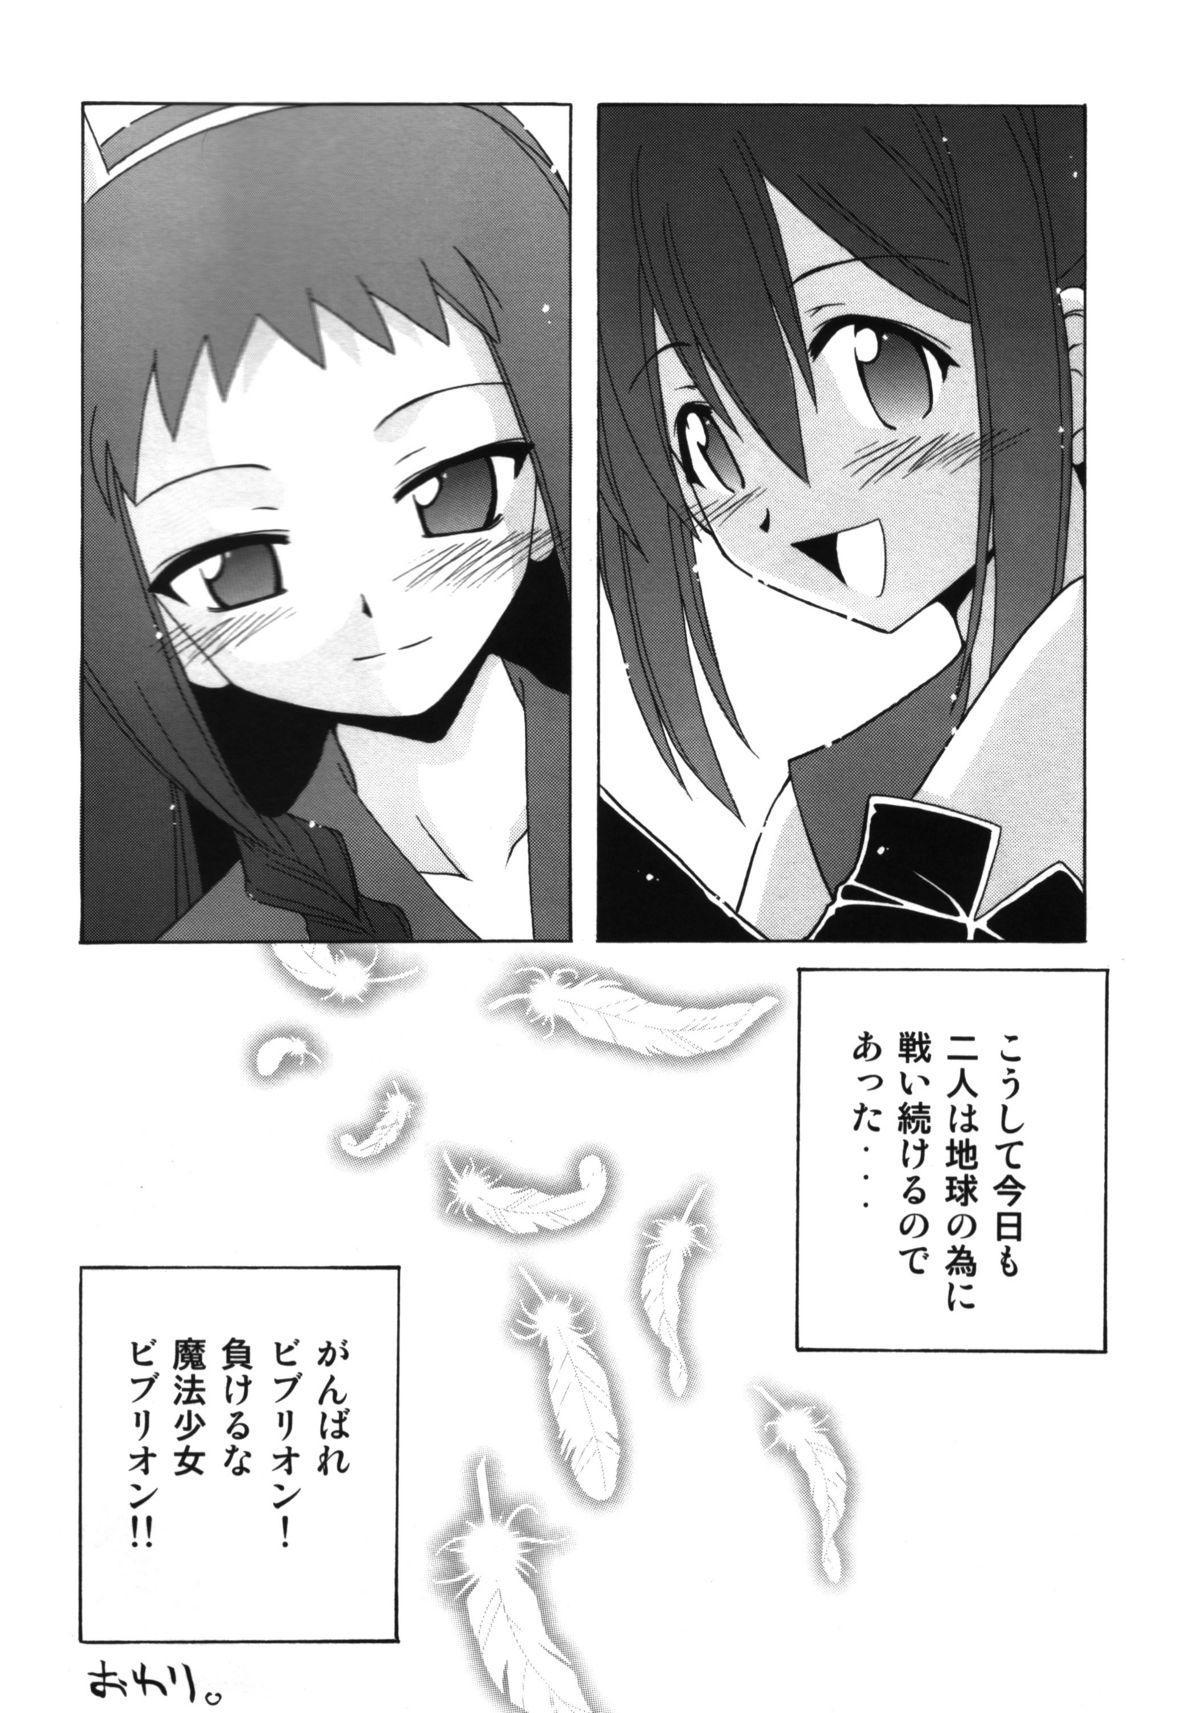 Nodoka To Yue No Mahou Shoujo Biburion 22